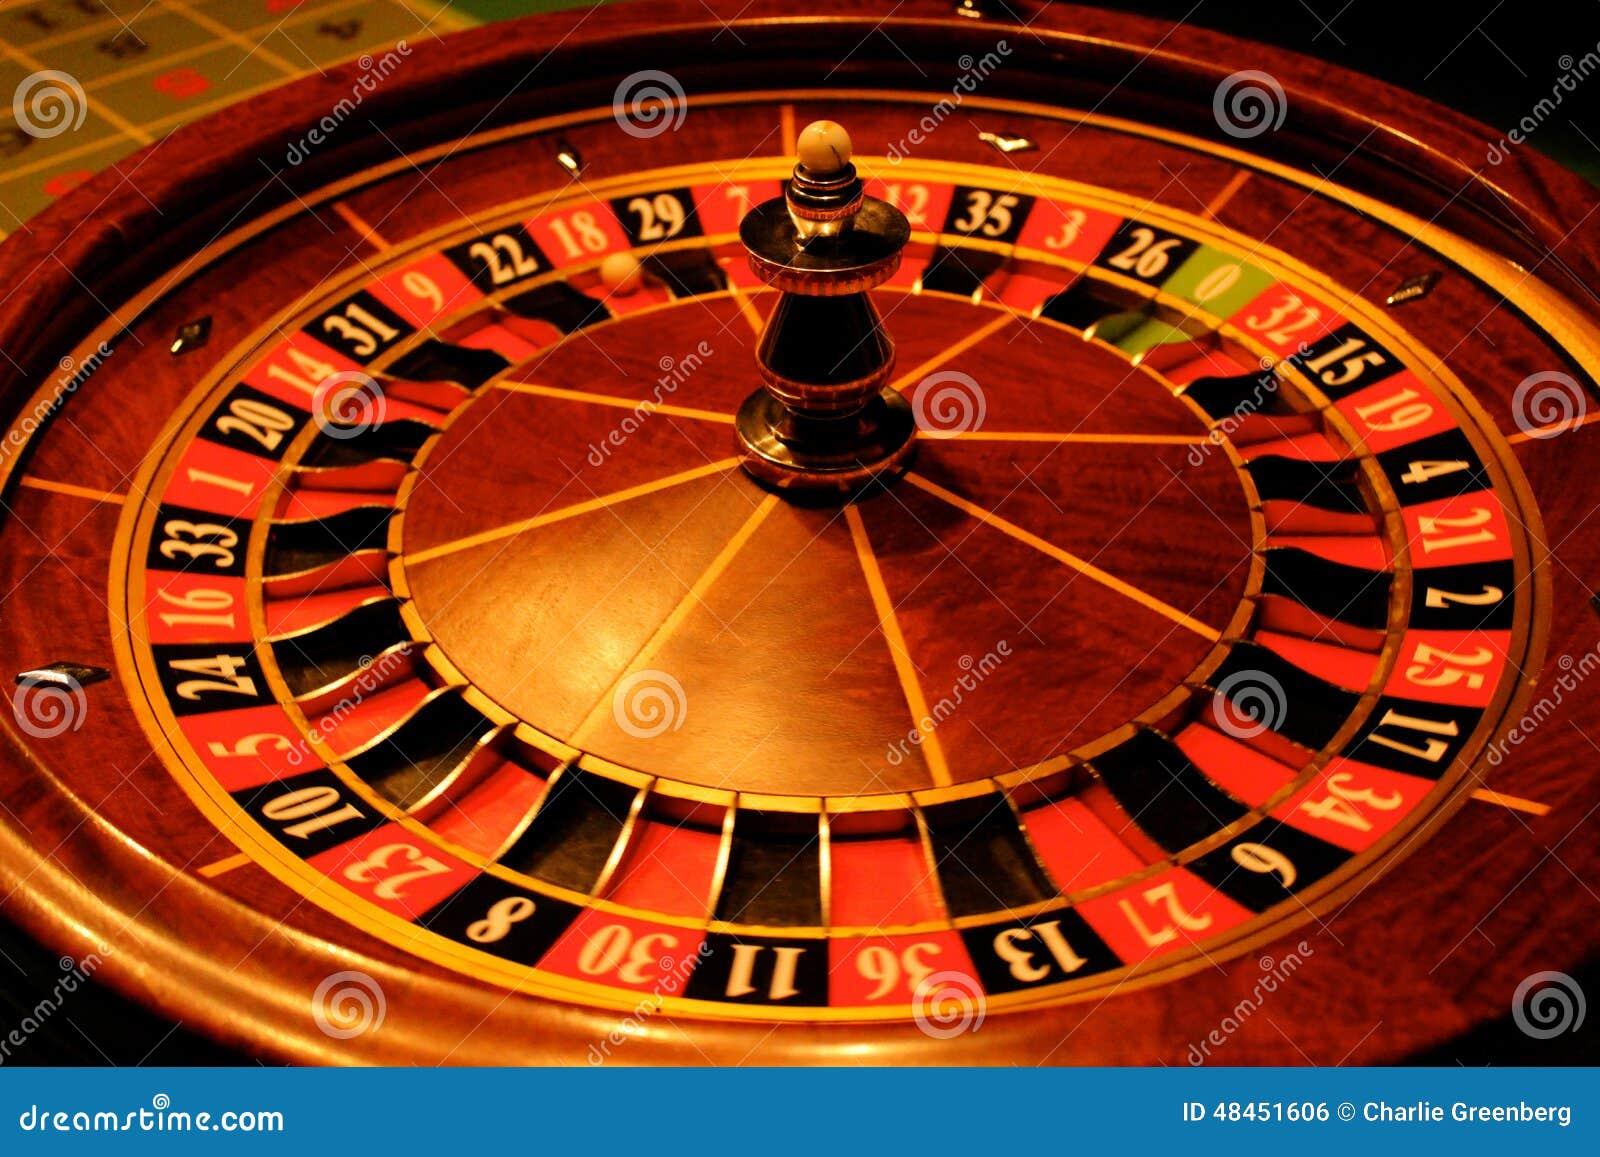 Roulette Chancen